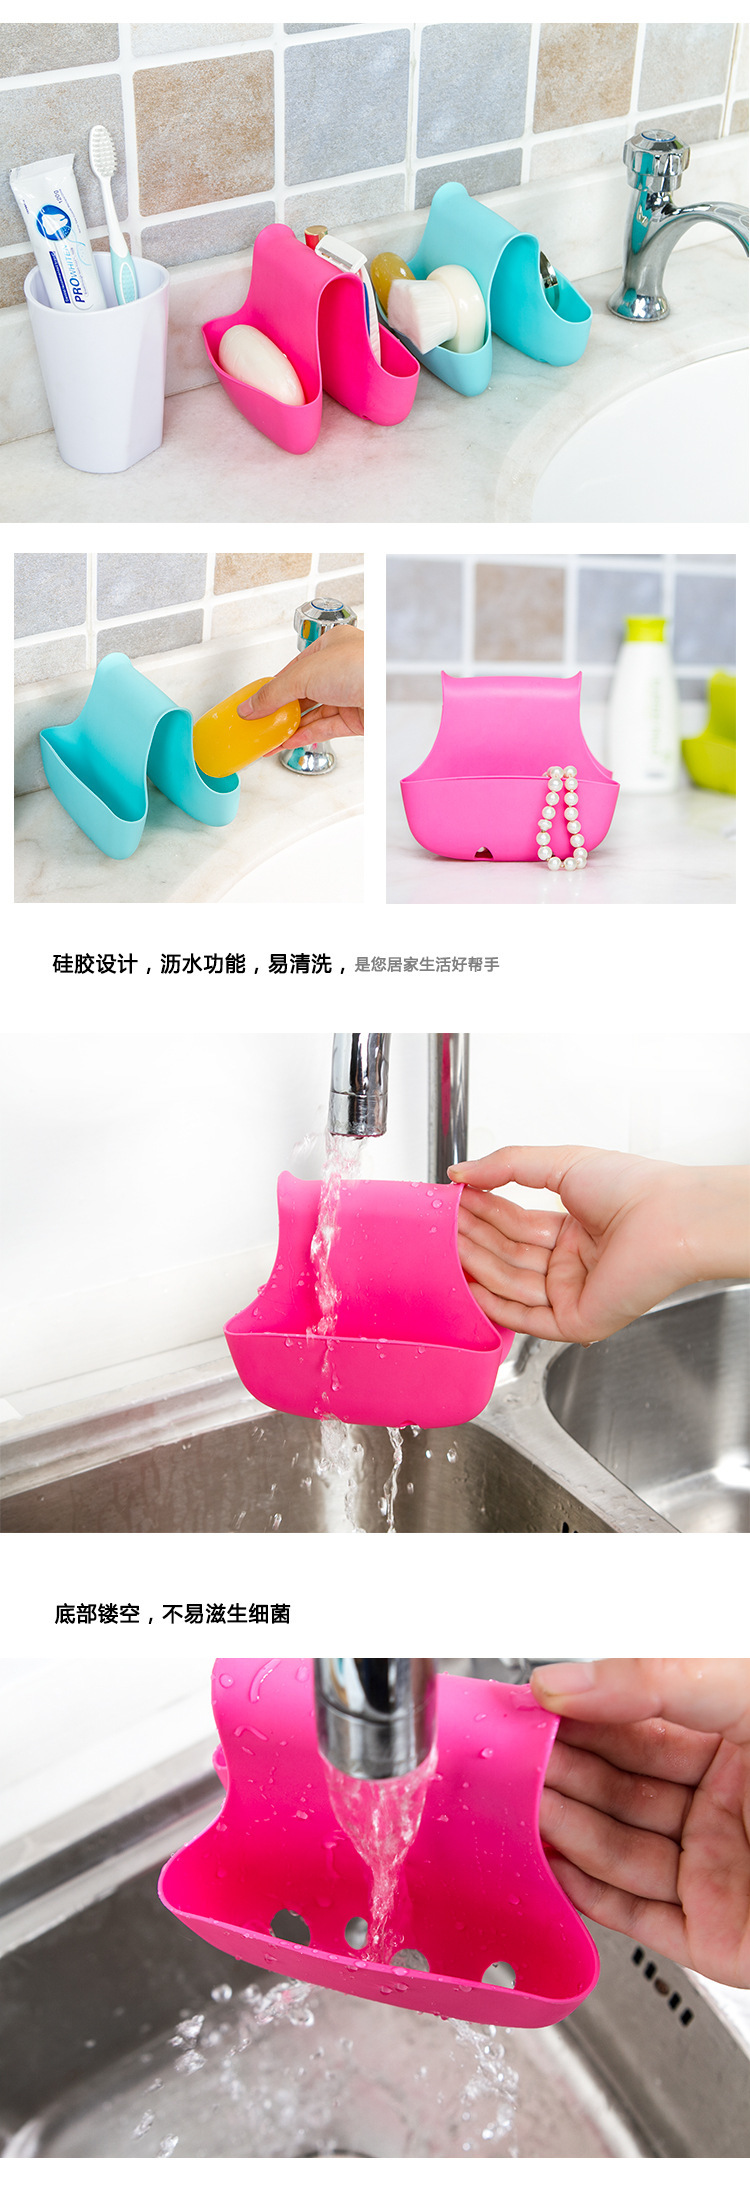 硅胶厨房水槽沥水篮,硅胶海绵收纳架,沥水挂袋,马鞍沥水篮